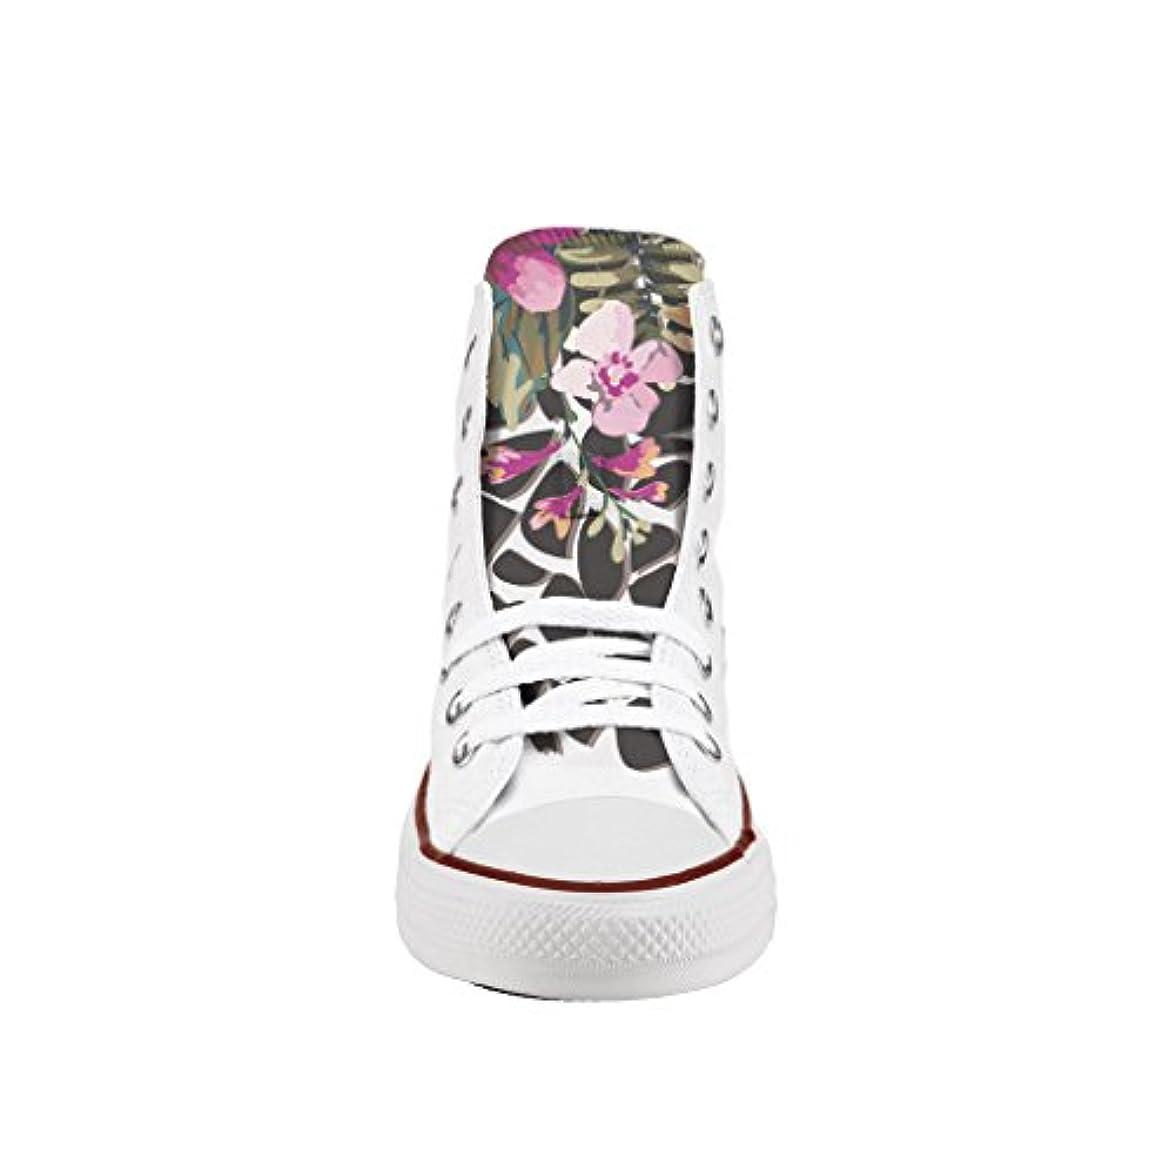 Converse Personalizzate All Star Alta - Scarpe Artigianali Stampa Spots And Flowers